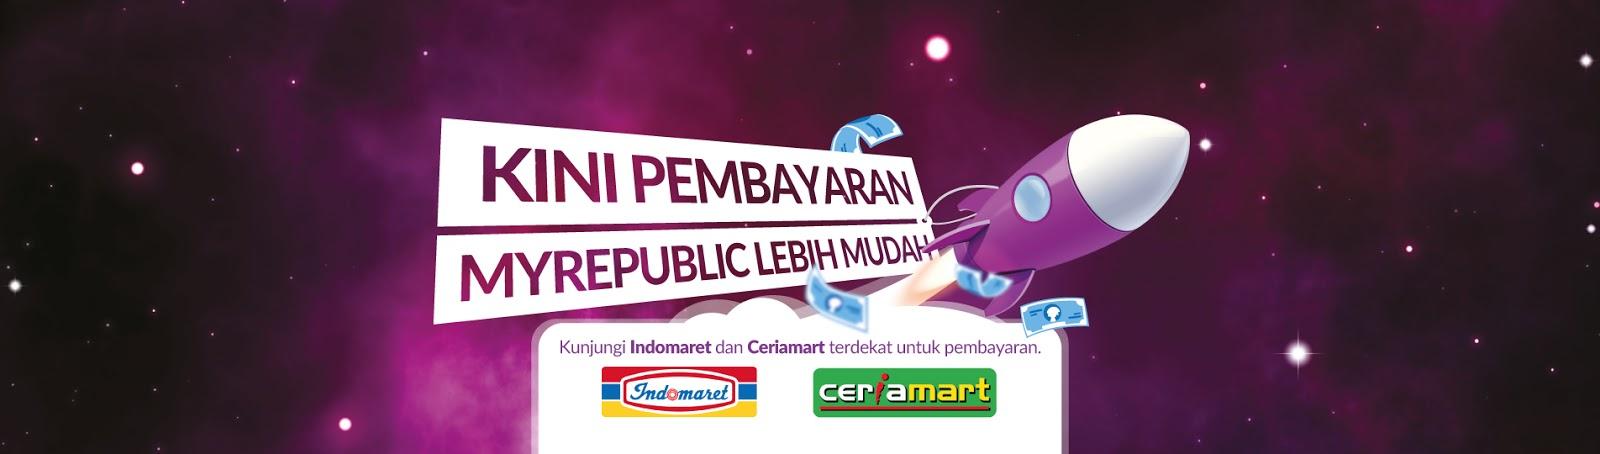 MyRepublic Malang - Internet Murah Malang